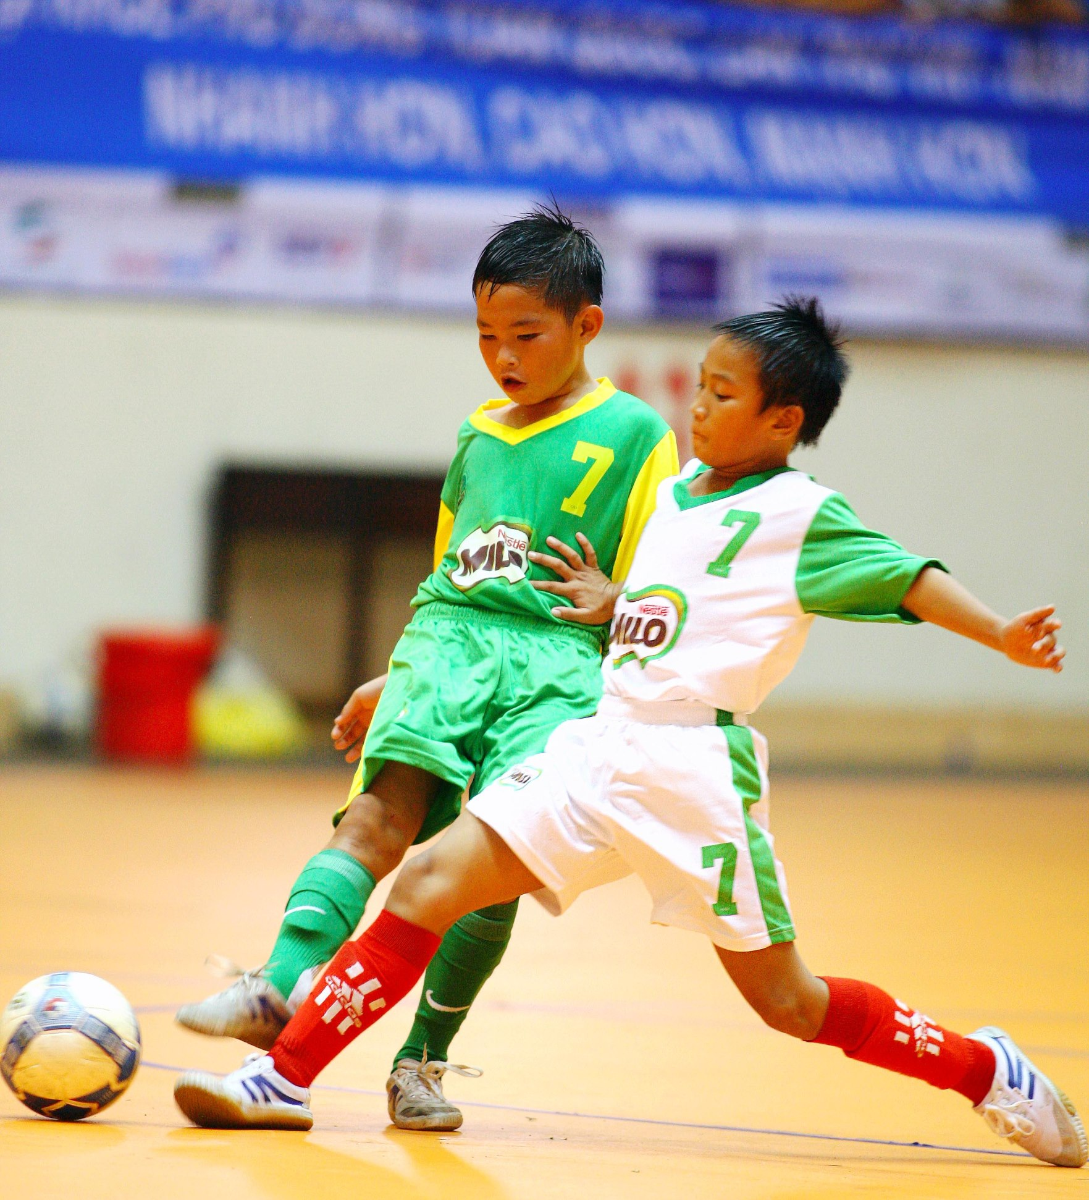 Là môn thể thao vua đối với mọi độ tuổi trên thế giới cũng như tại Việt Nam, môn bóng đá luôn thu hút sự tham gia đông đảo của các em học sinh. Giải bóng đá HKPĐ toàn quốc Cúp MILO đã tiếp cận được rất nhiều trẻ em tại nhiều tỉnh thành khác nhau, góp phần đẩy mạnh phong trào thể thao trong trường học suốt nhiều năm qua.